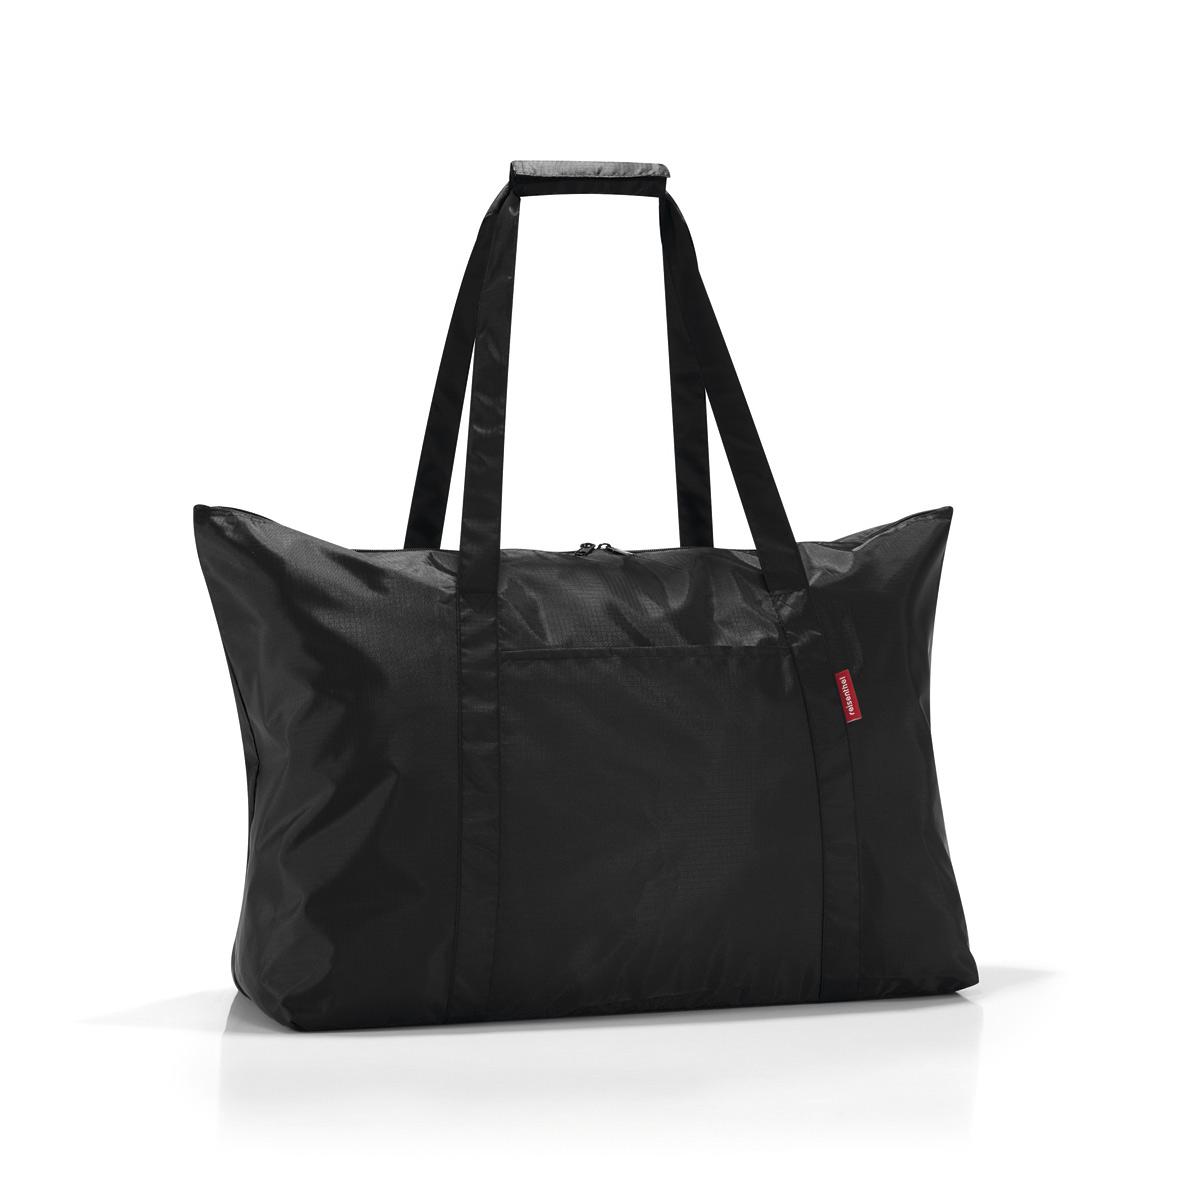 Сумка складная женская Reisenthel Mini maxi travelbag black, цвет: черный. AG7003AG7003Идеальный компаньон для путешествий, ведь из поездки мы всегда возвращаемся со множеством сувениров и покупок. Так что еще одна сумка пригодится. Она легко складывается в маленький чехол, которые можно взять с собой в сумке или рюкзаке. Так же можно использовать для похода за продуктами. Внутренний объем сумки - 30 литров. Есть внешний кармашек для мелочей. Для удобства ручки сумки можно соединить между собой.